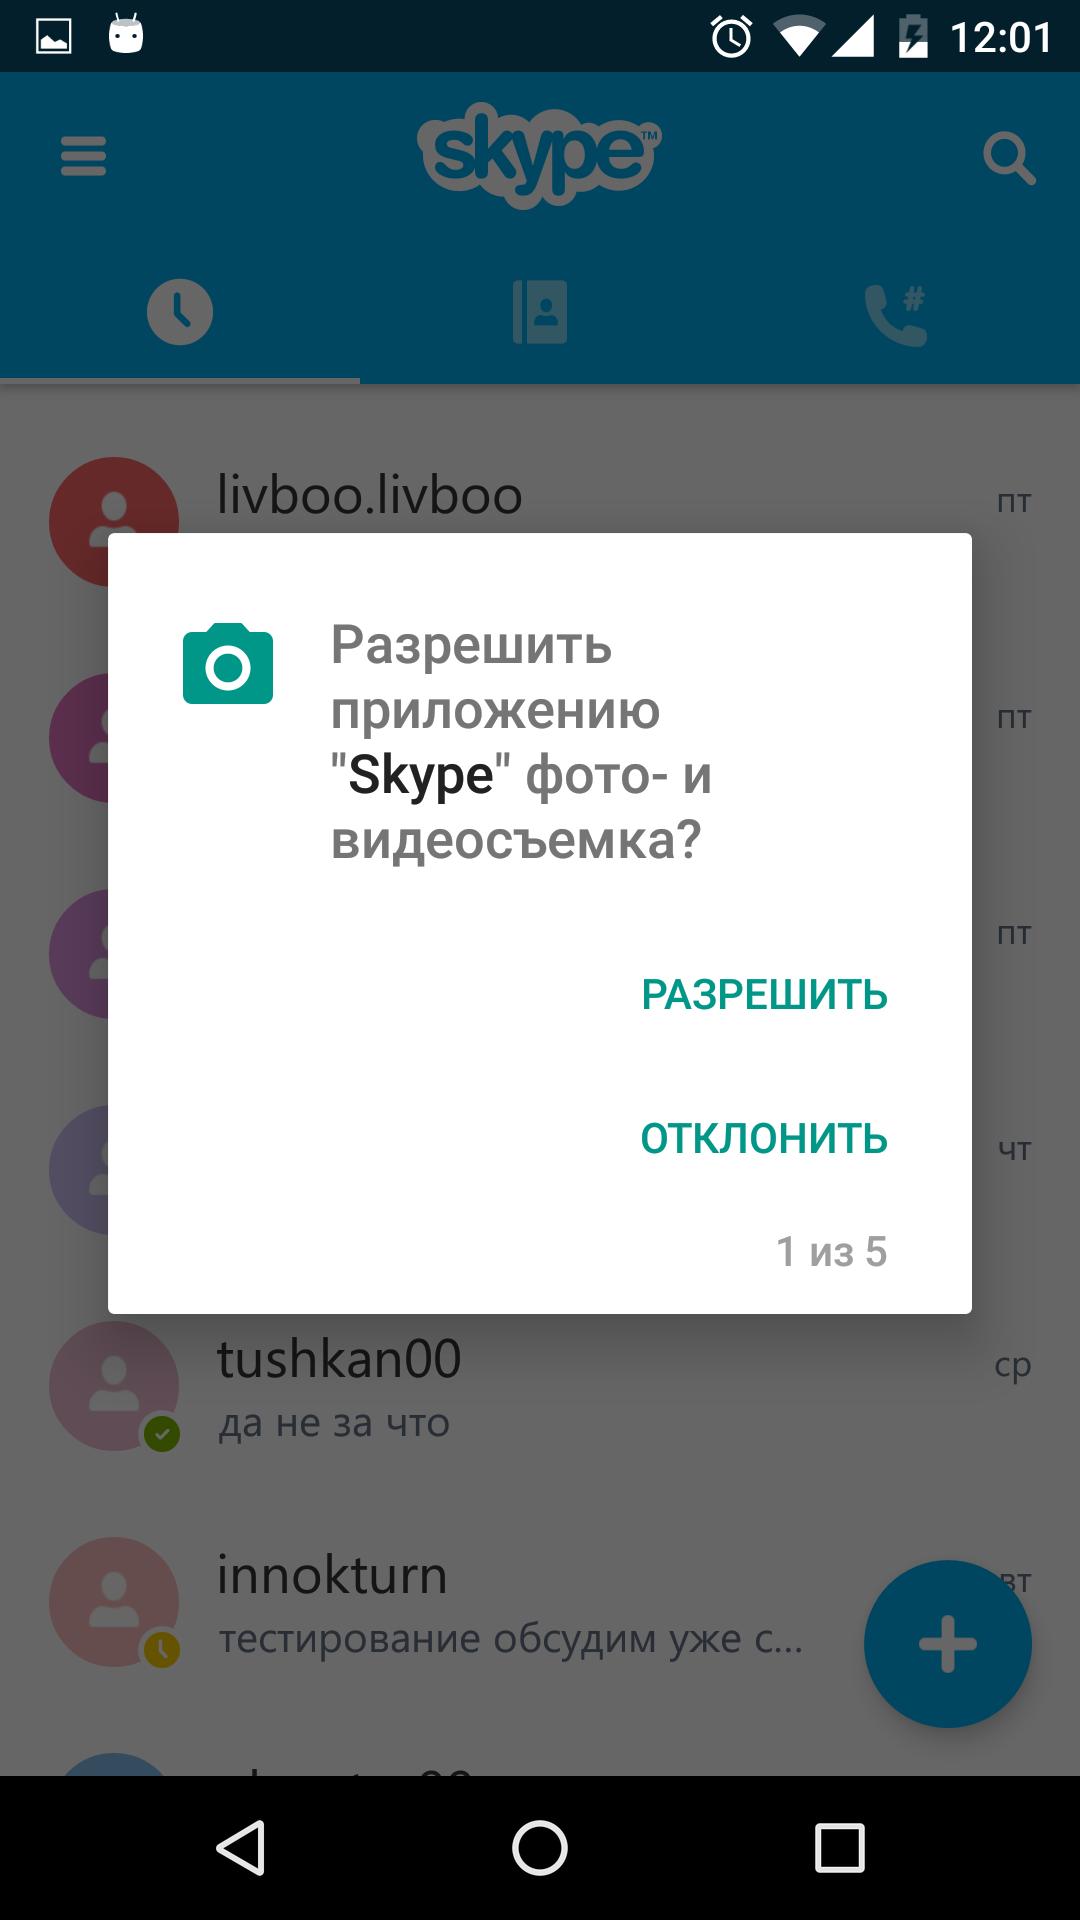 Skype's request 1